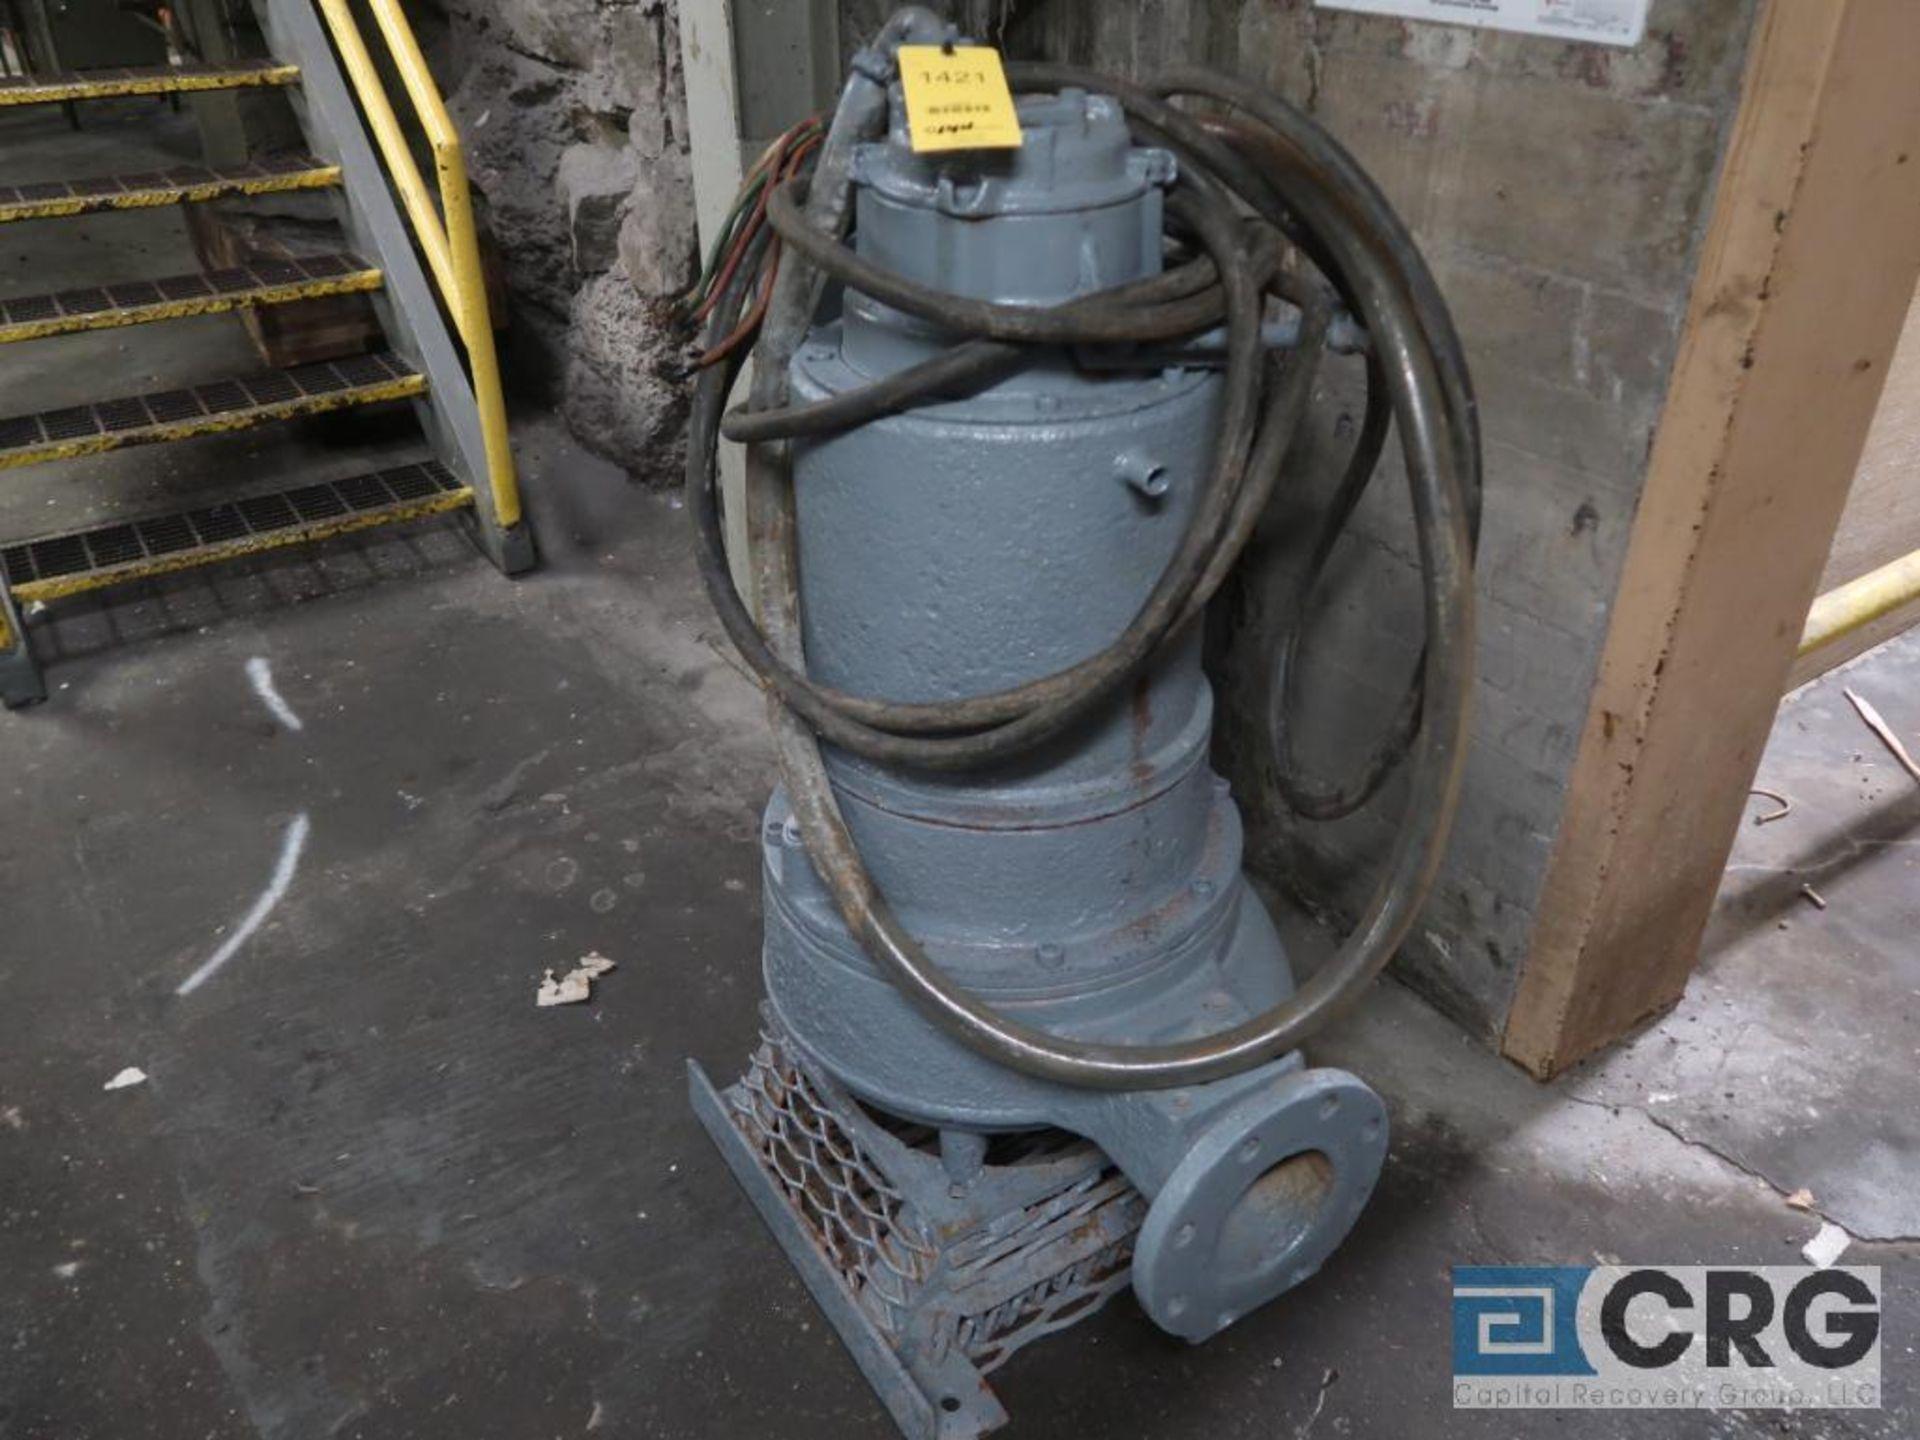 Flygt 6 in. sump pump, 460 volt, s/n 7912 (Basement Stores)